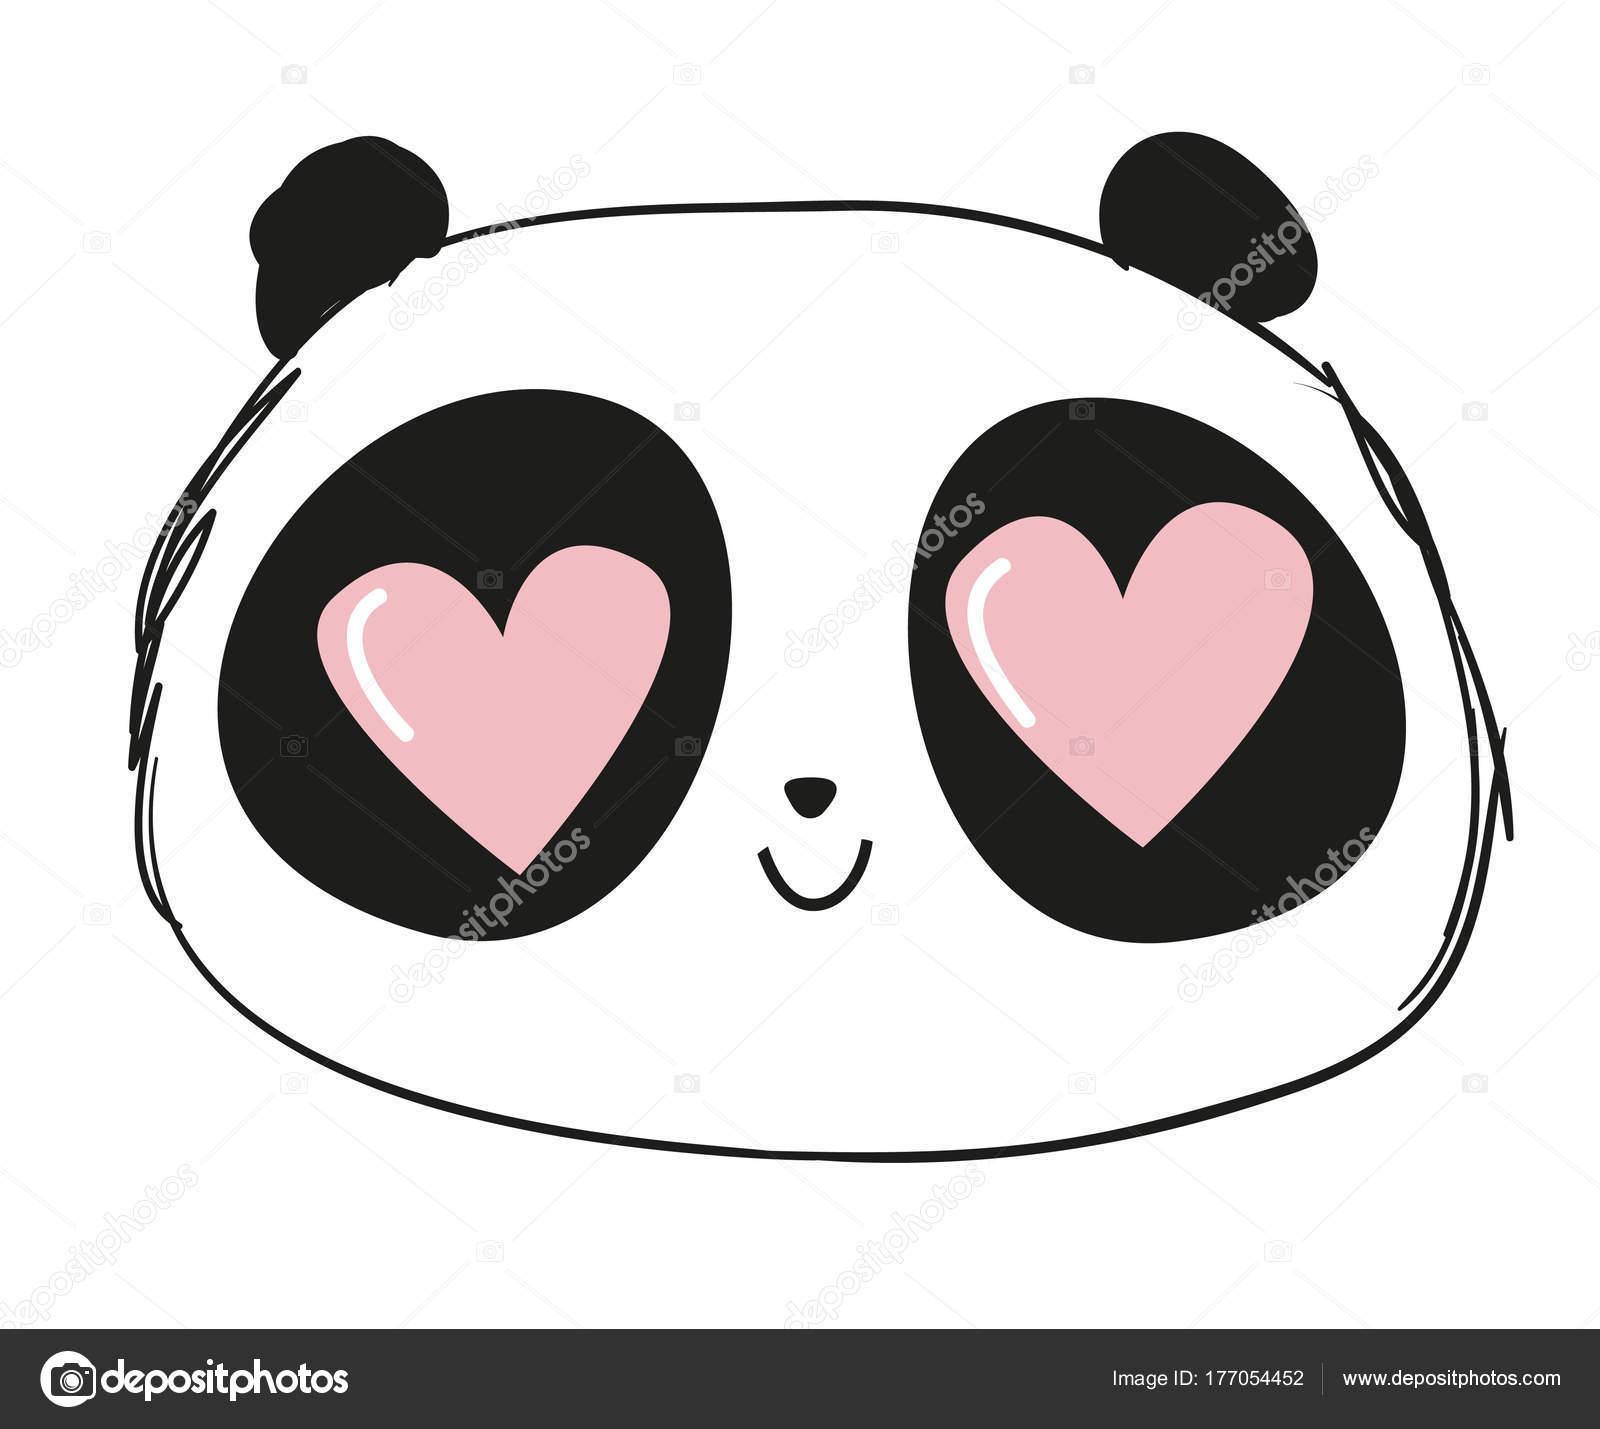 かわいい漫画の手描きイラスト パンダ目 バレンタインの日の概念で心に